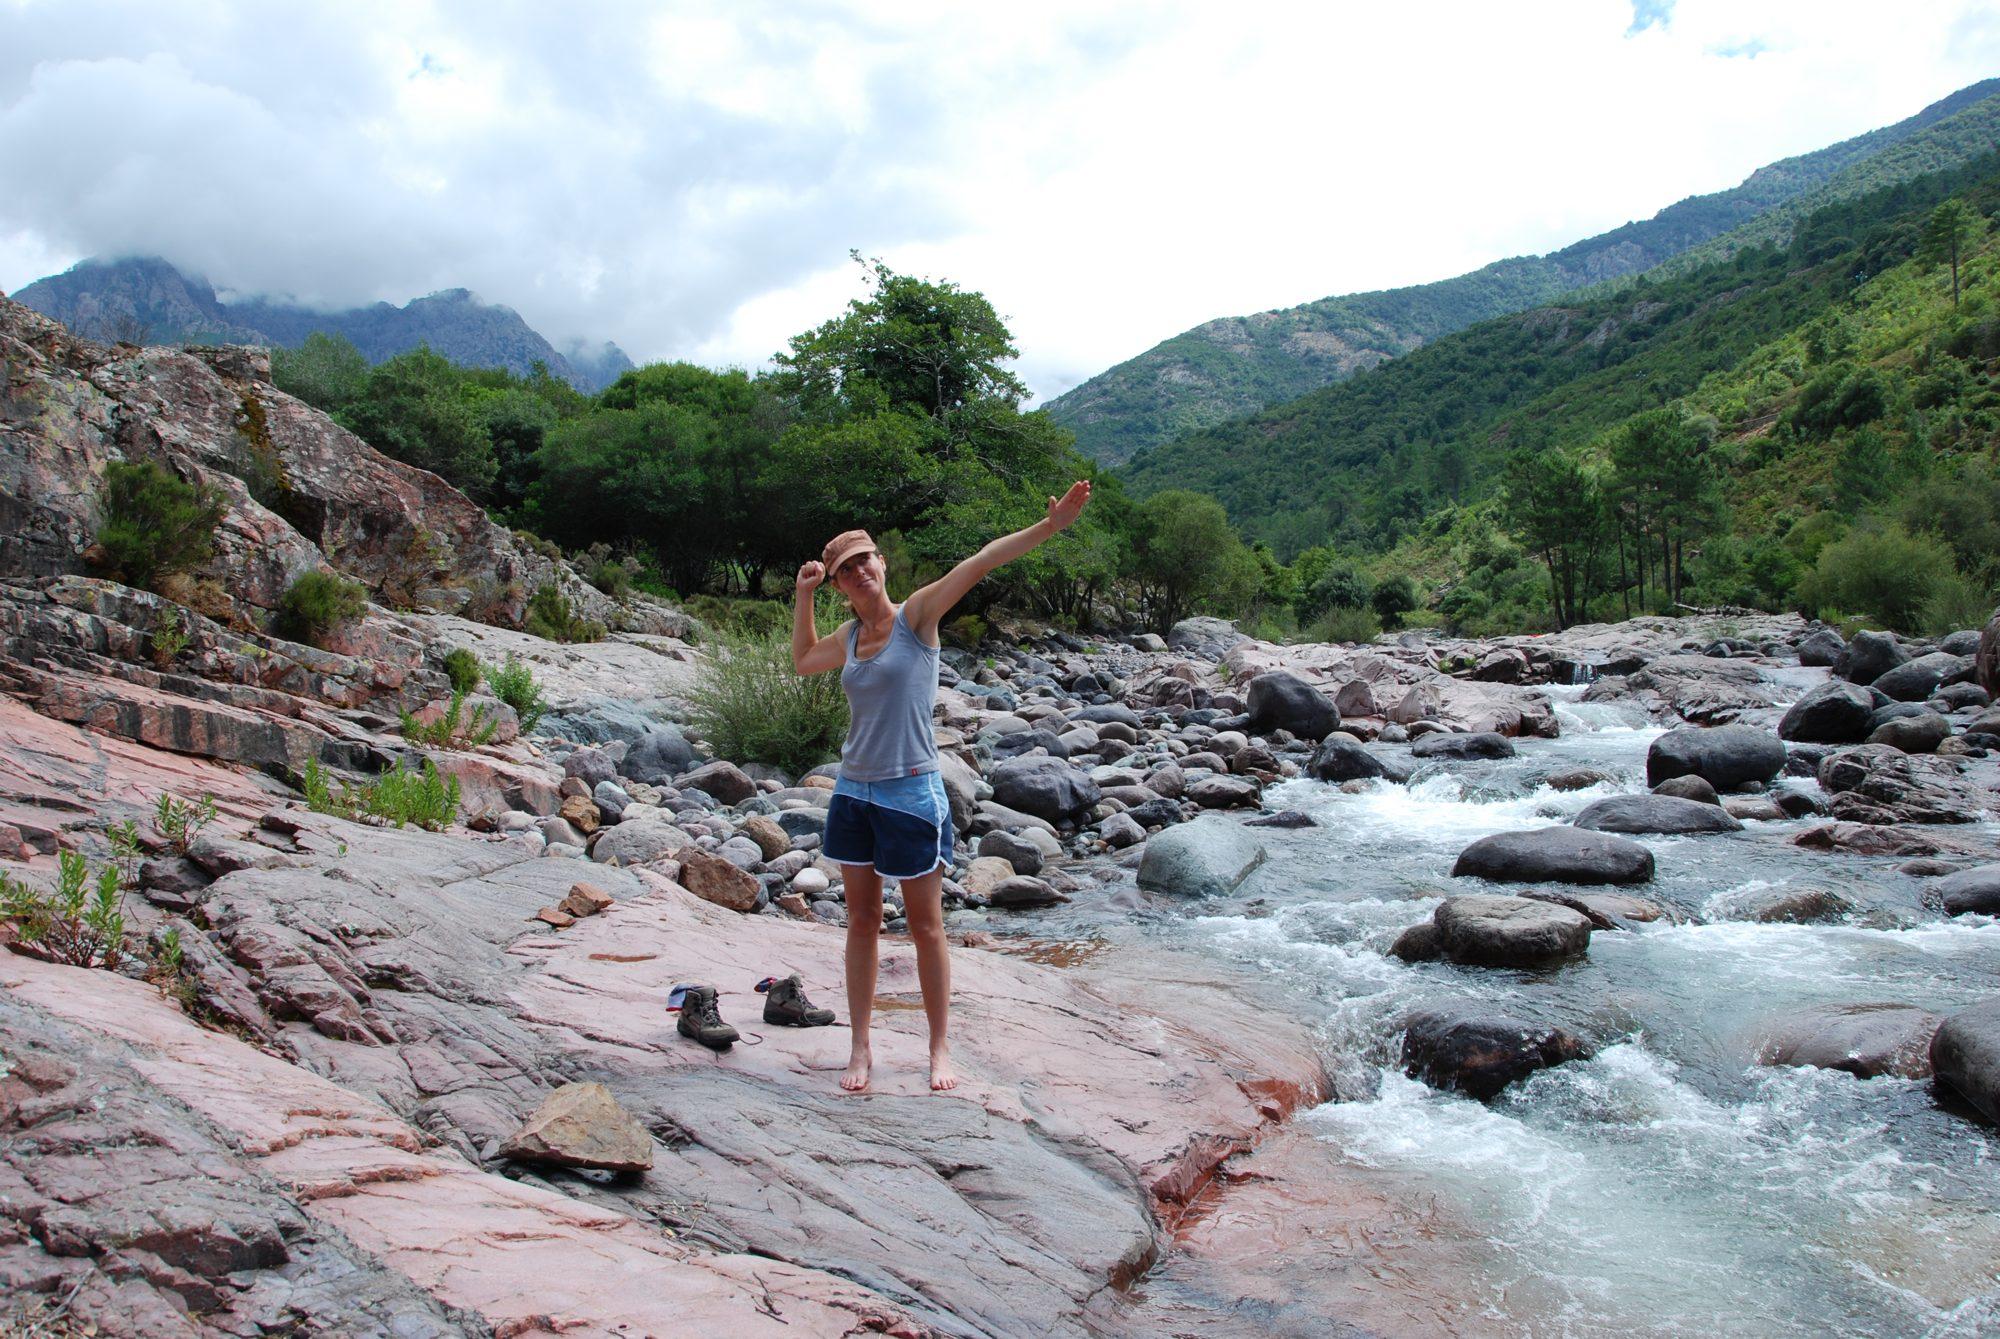 Luisa post im Fangotal auf Korsika